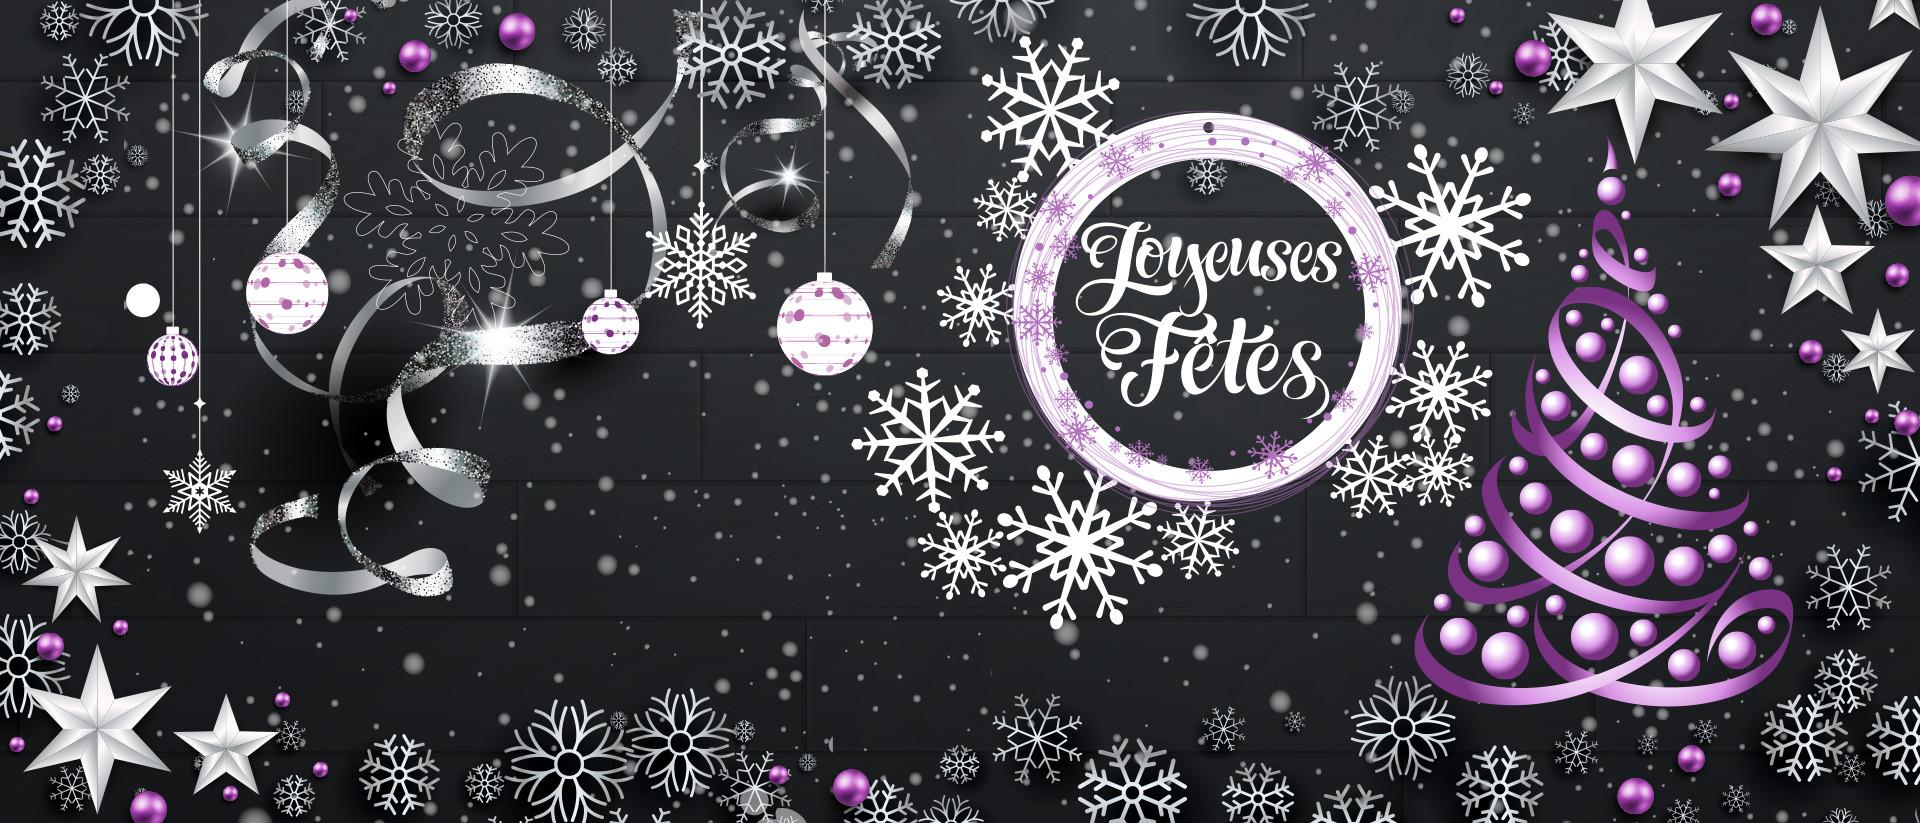 vous souhaite de joyeuses fêtes